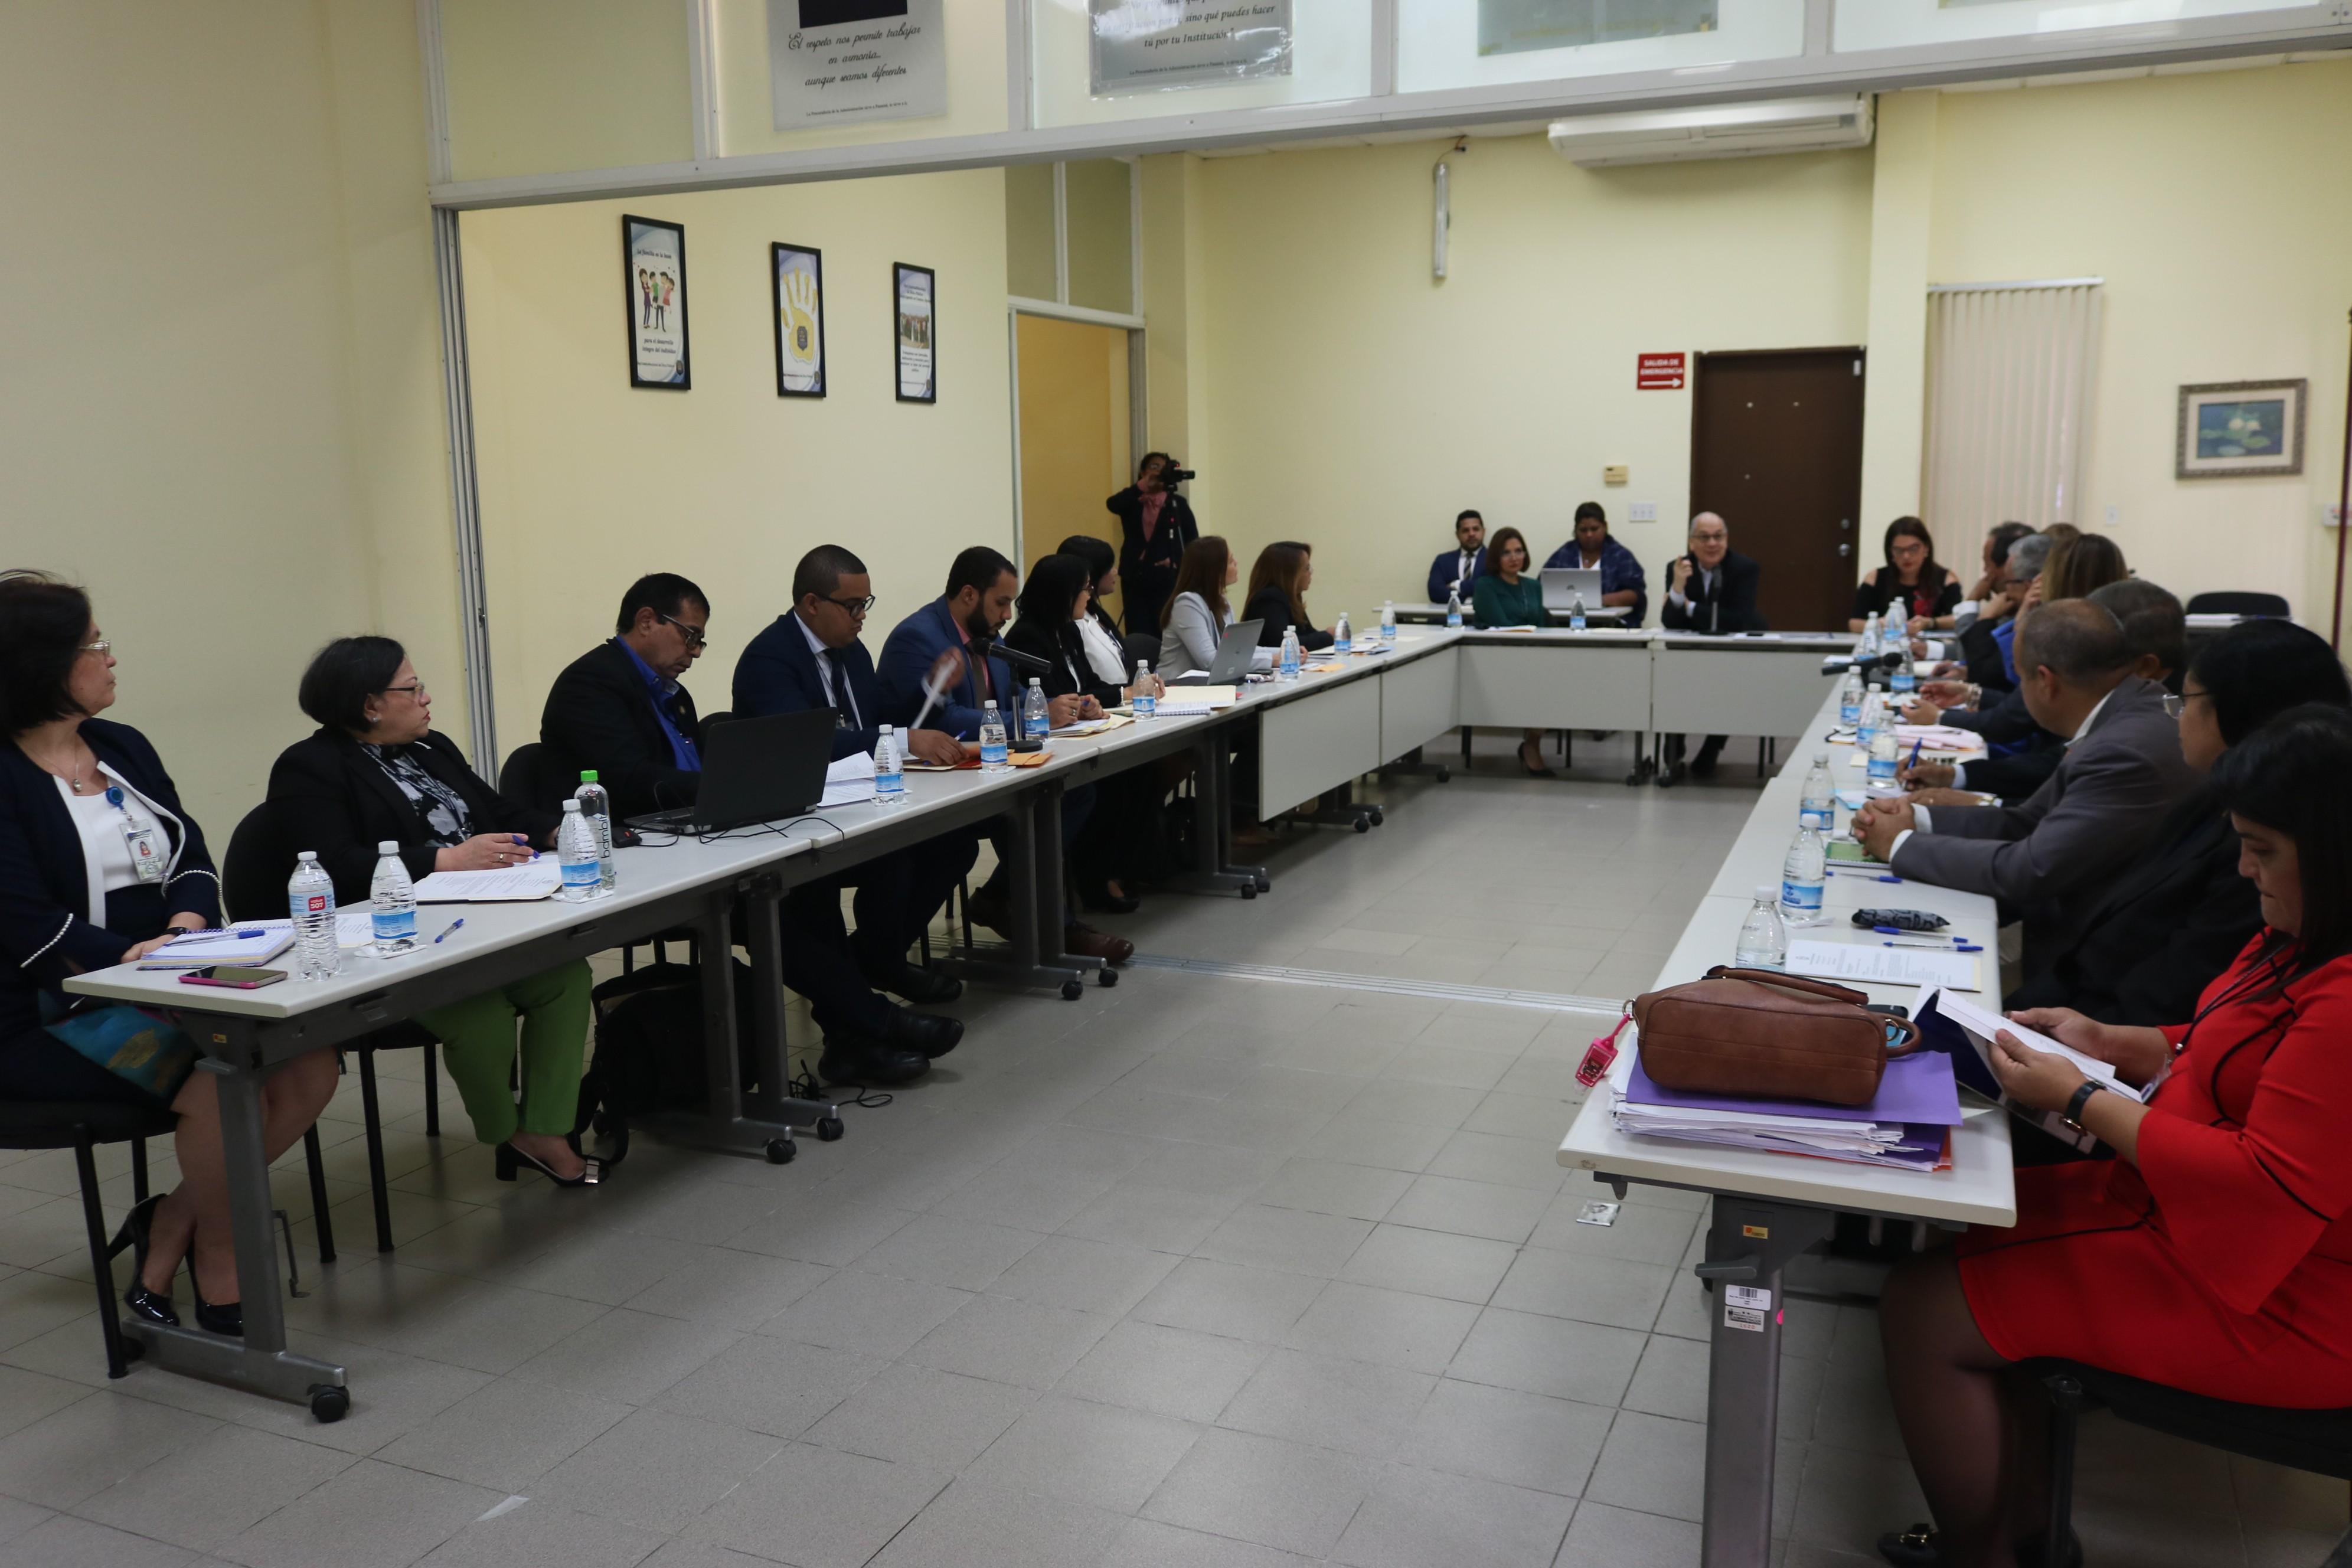 Secretarías Provinciales de la Procuraduría de la Administración rinden informe de labor